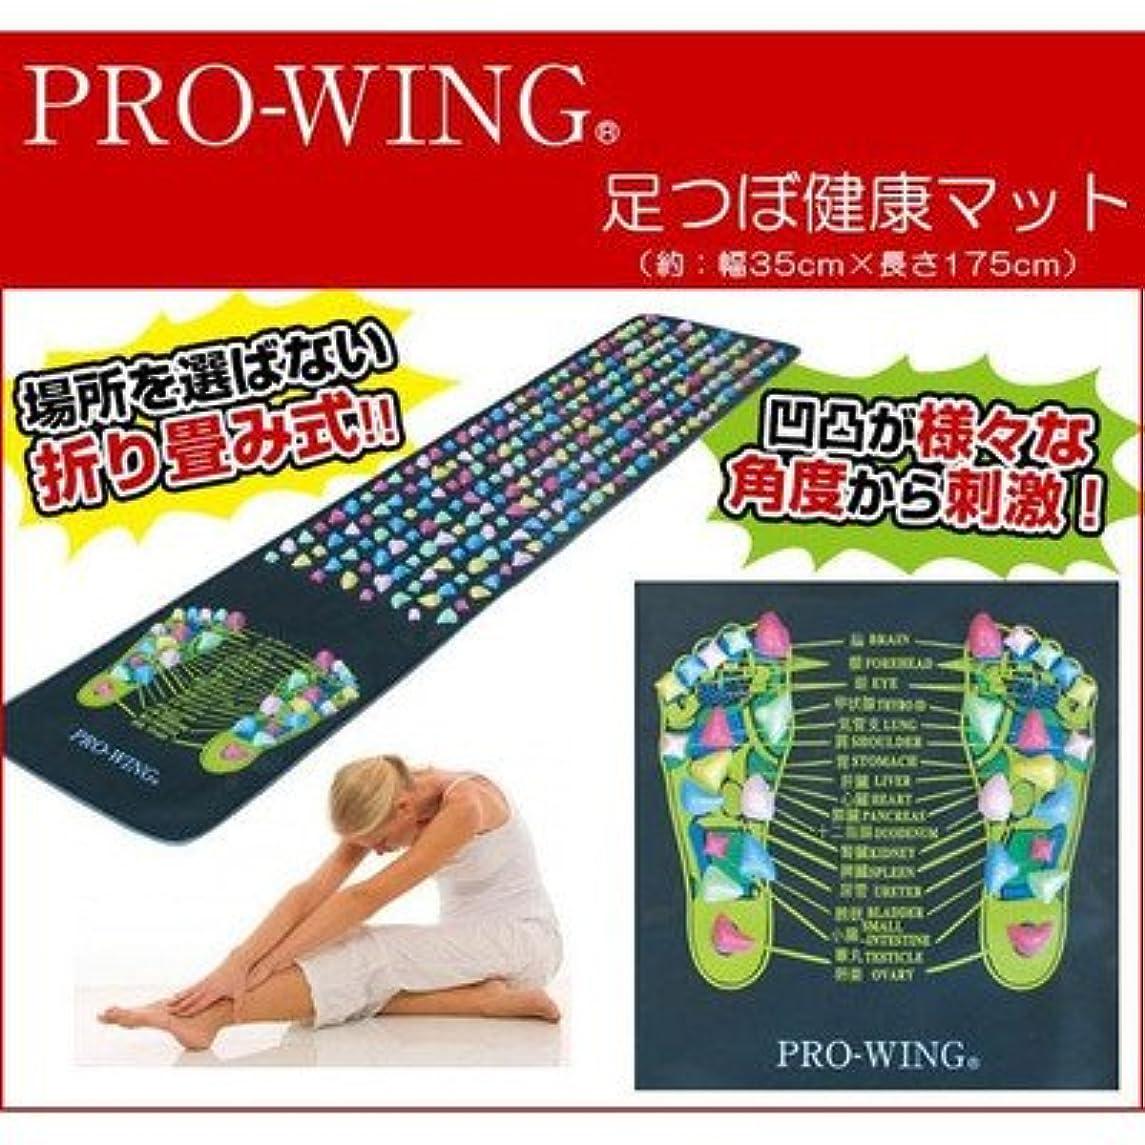 キャビン浸す名門カラフルで可愛らしい凹凸が様々な角度から刺激 PRO-WING プロウィング 足つぼ健康マット PWF-1001